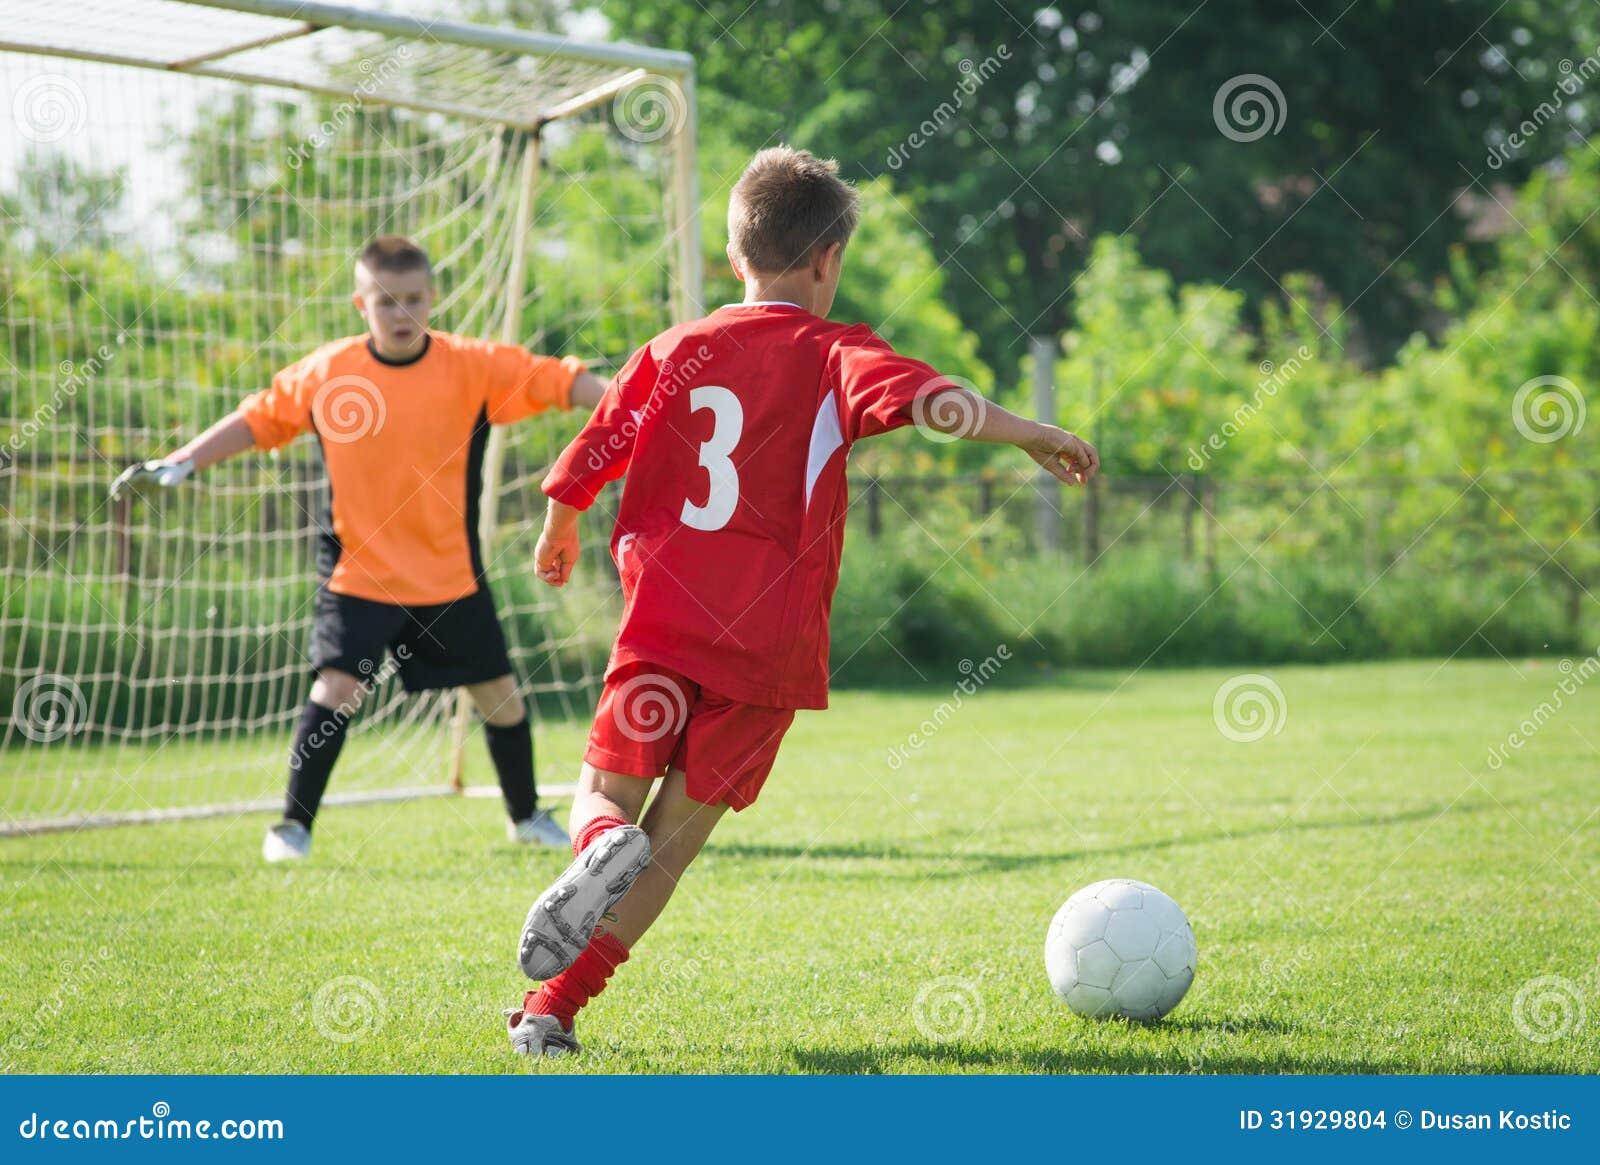 Football Wallpaper Soccer Ball Sport Goal Kids Boys: Kids' Soccer Stock Images